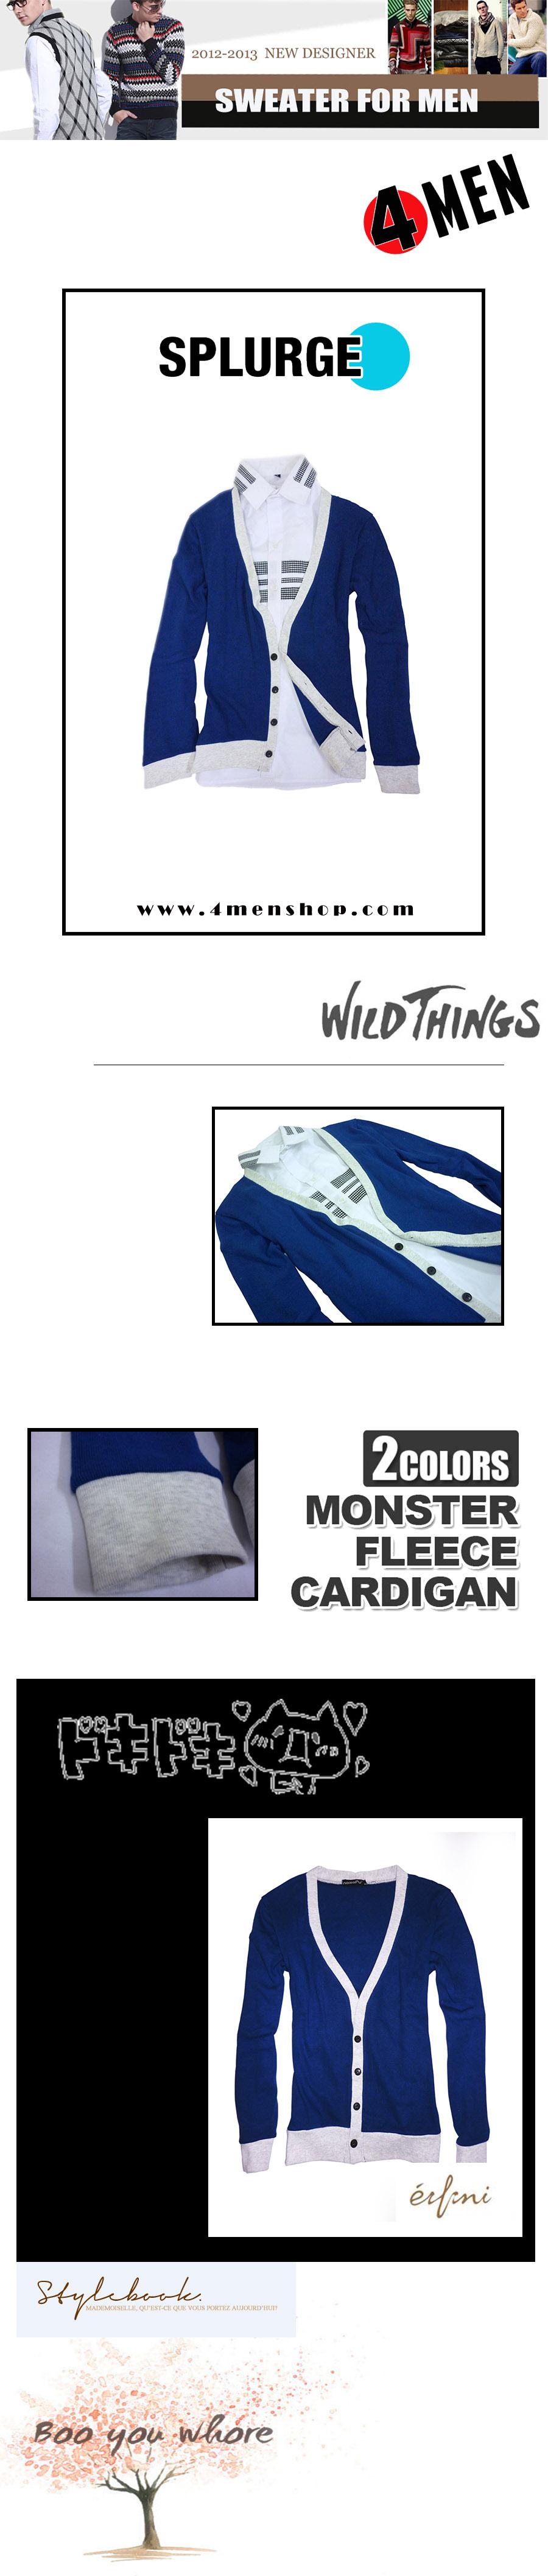 Áo khoác cardigan xanh dương ac057 - 1